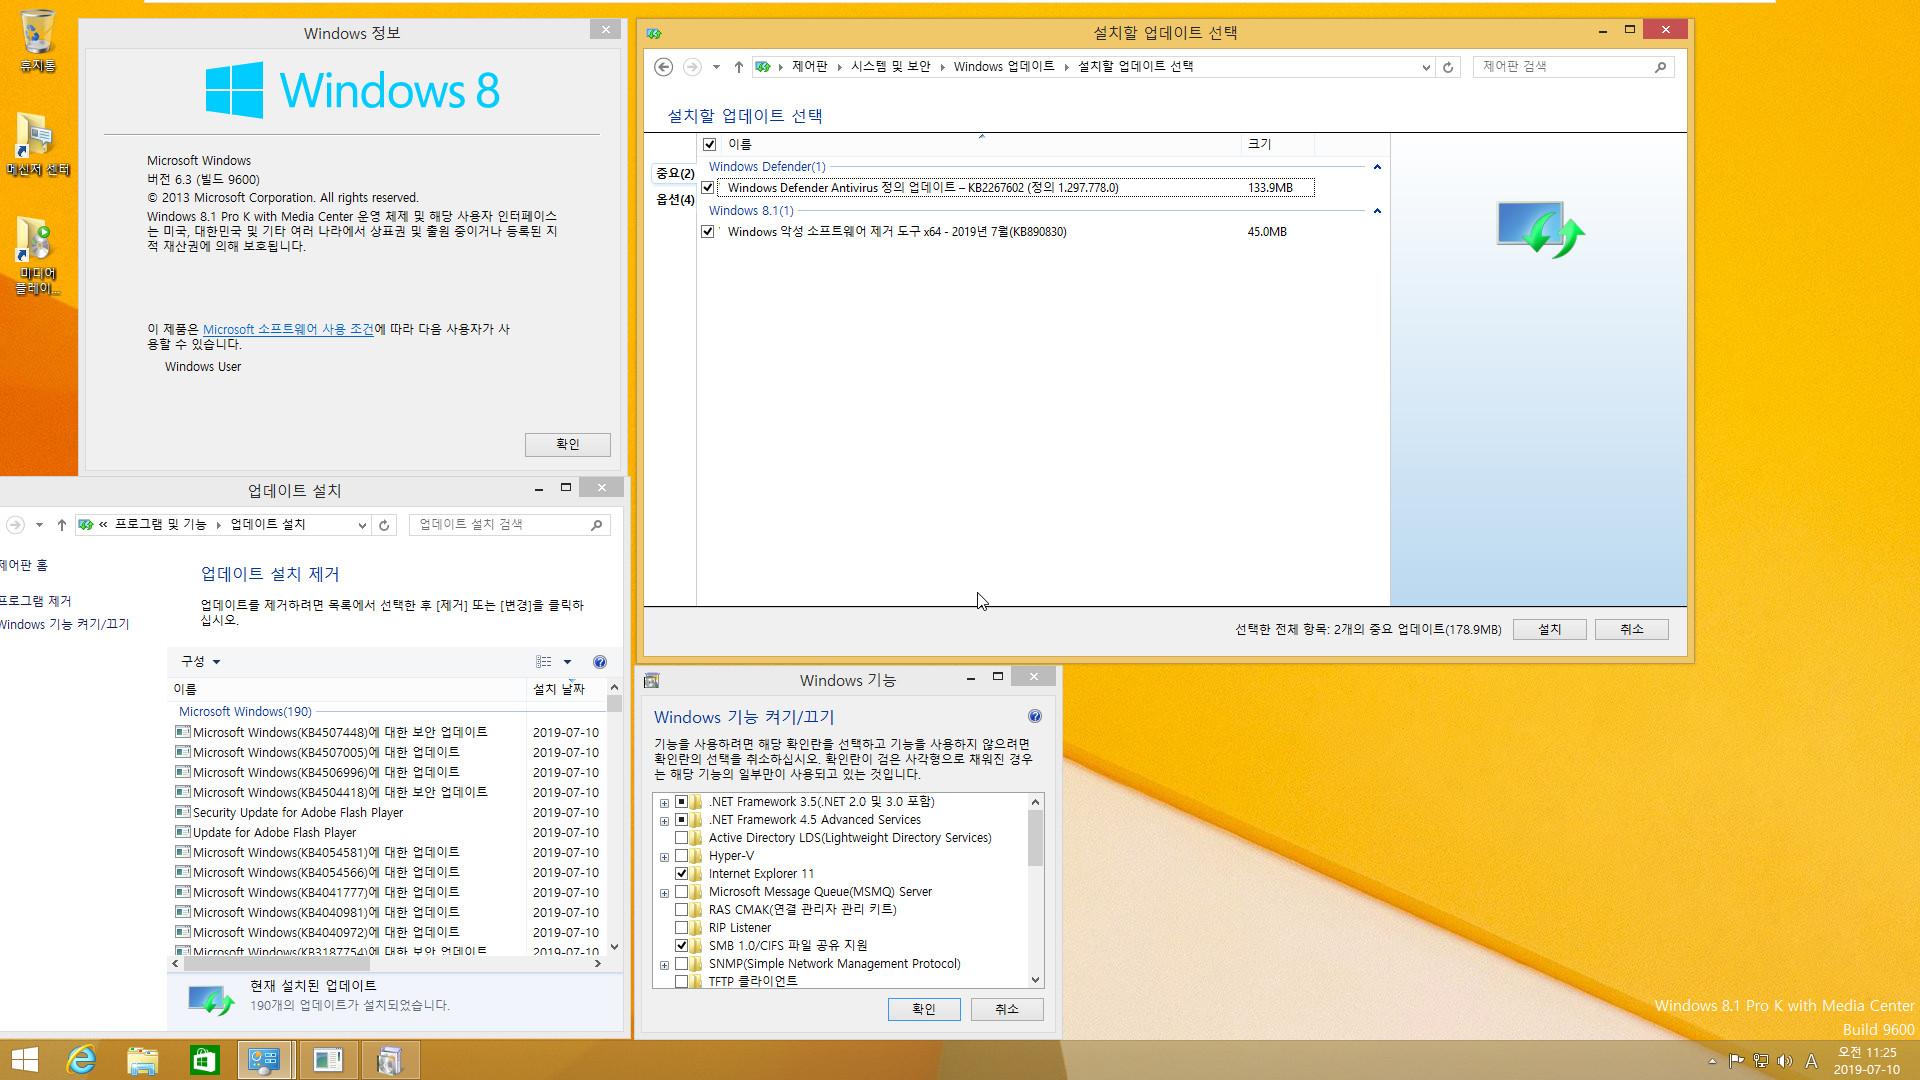 2019-07-10 정기 업데이트 - Windows 8.1 롤업 업데이트 KB4507448 (OS 빌드 9600.19401) [2019-07-09 일자] 통합중 입니다 2019-07-10_112527.jpg